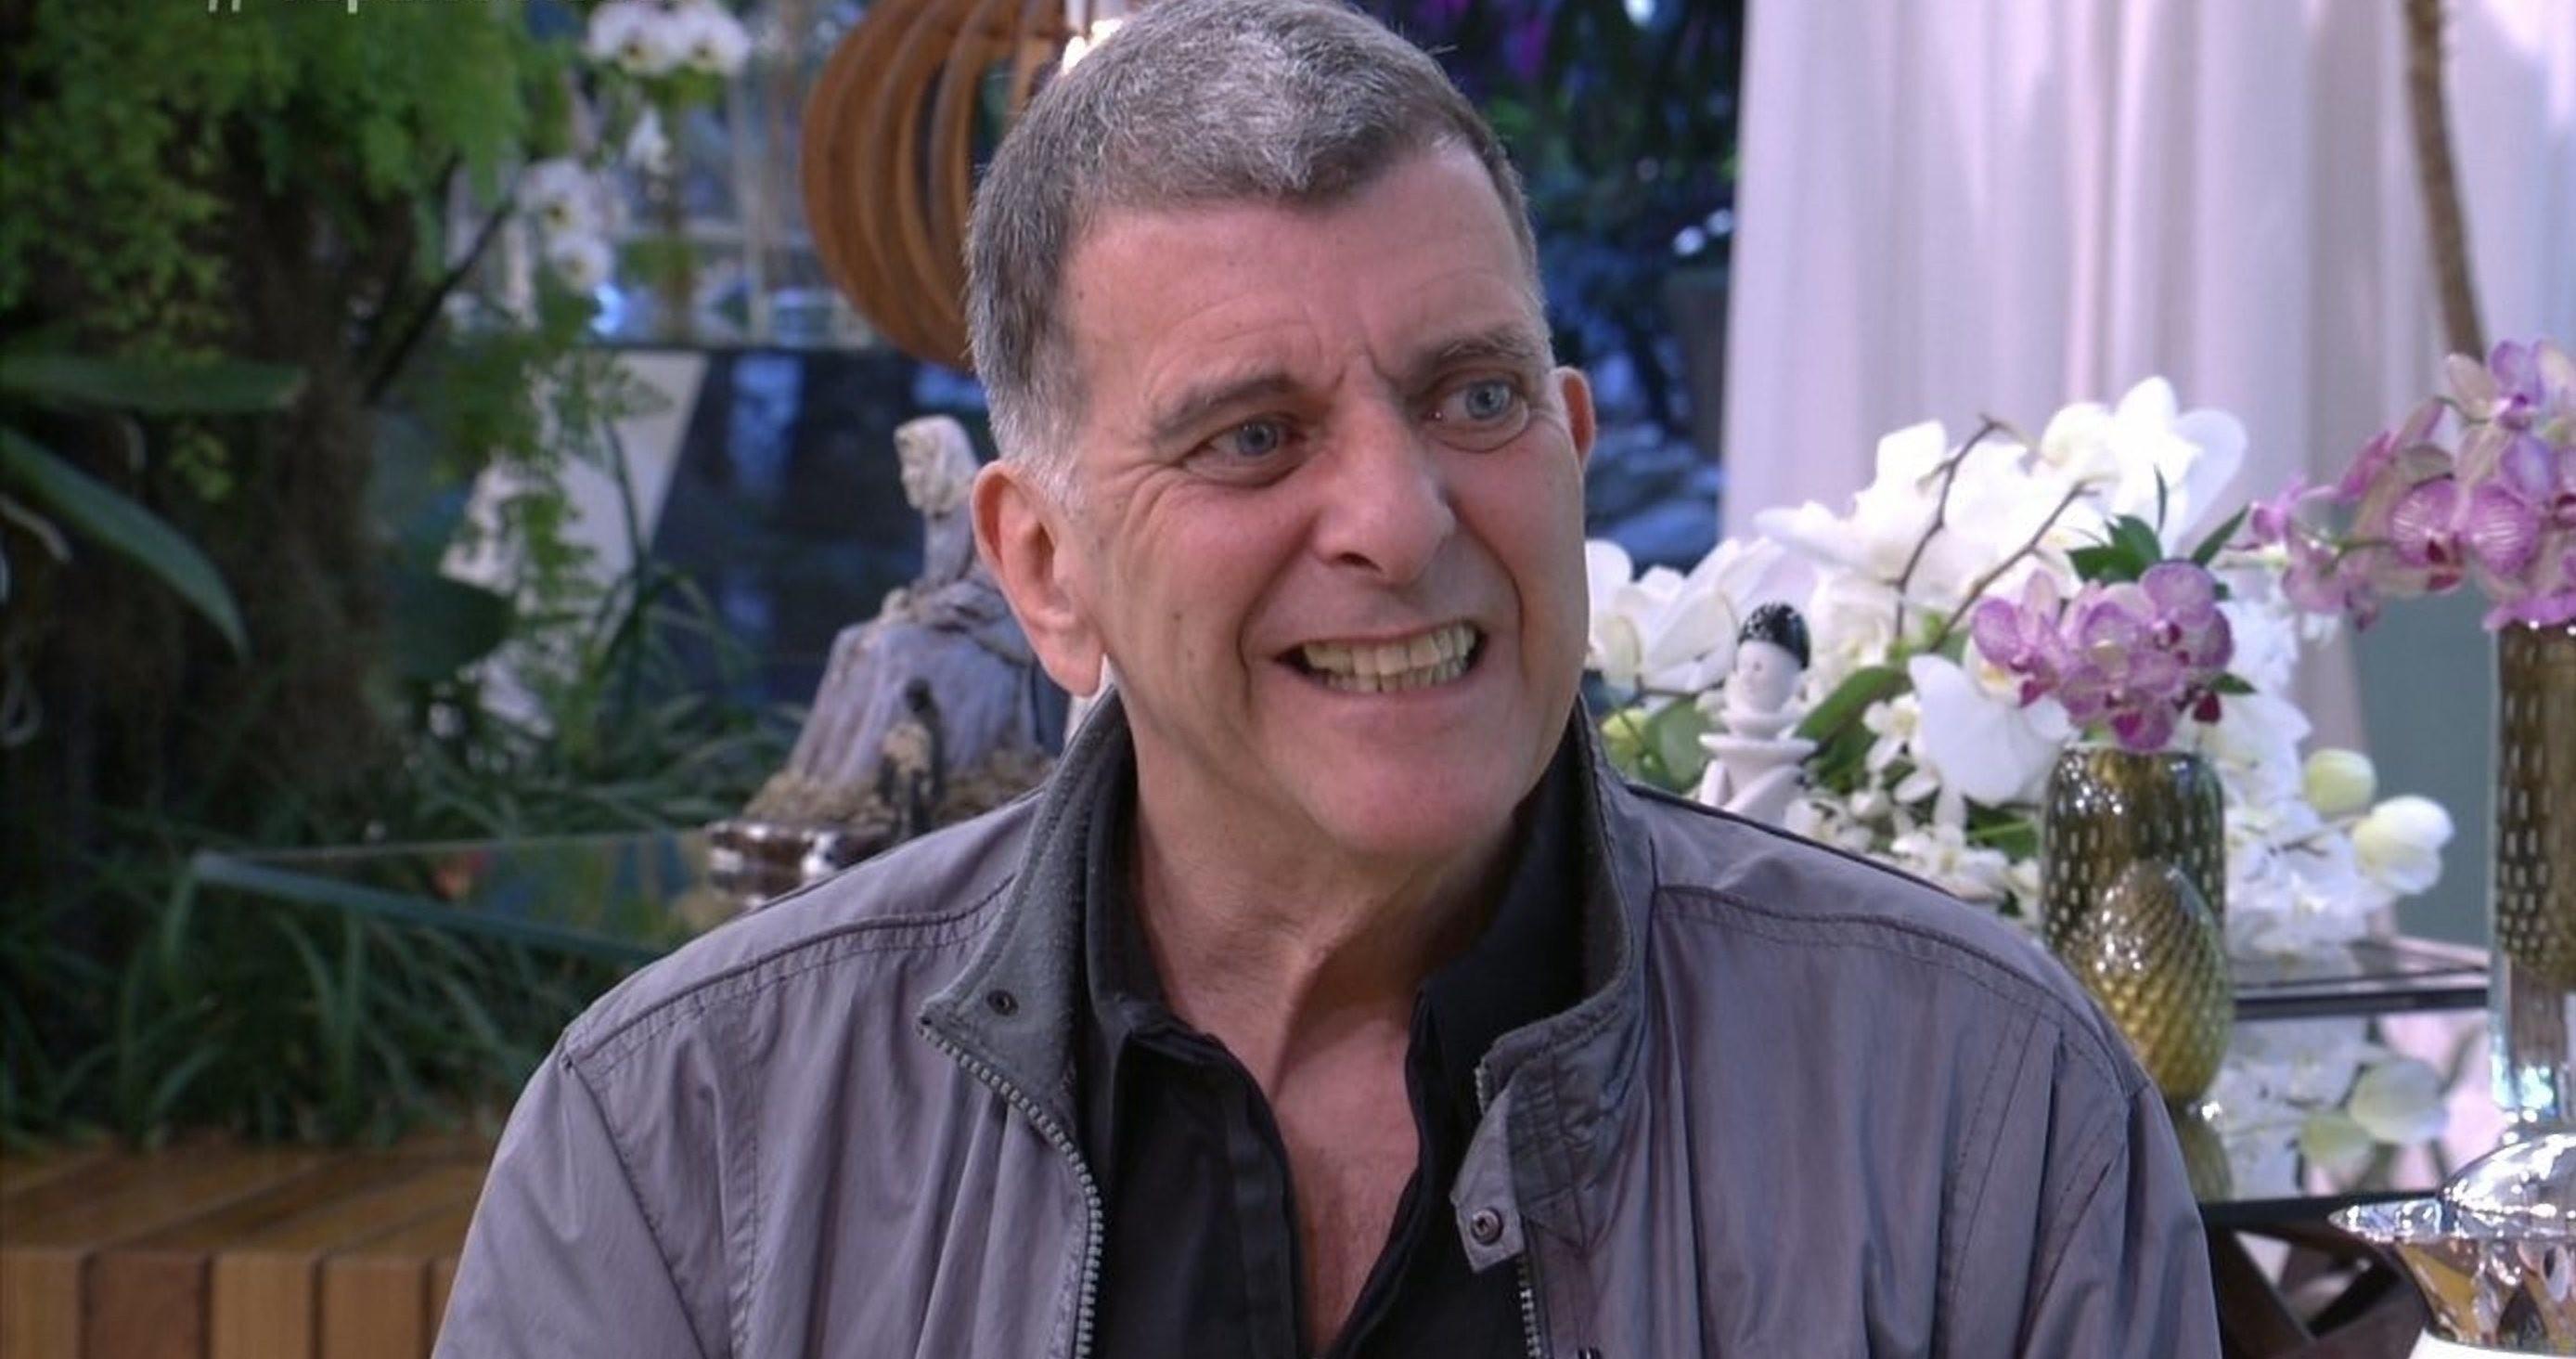 'Agradecer enquanto tenho saúde', diz Jorge Fernando após AVC